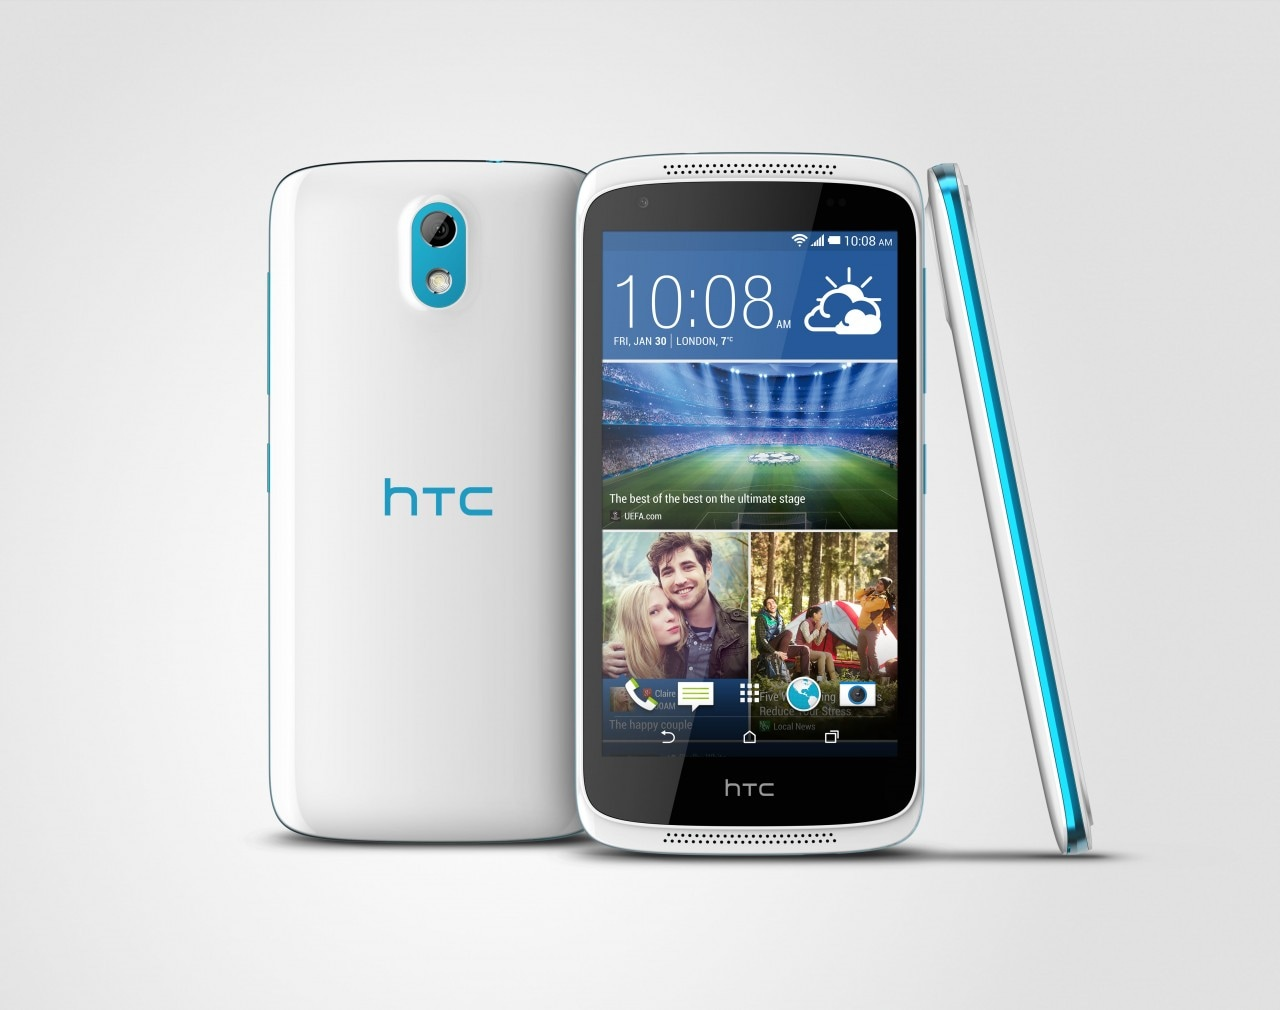 L'importante aggiornamento arriva anche su HTC Desire 526G